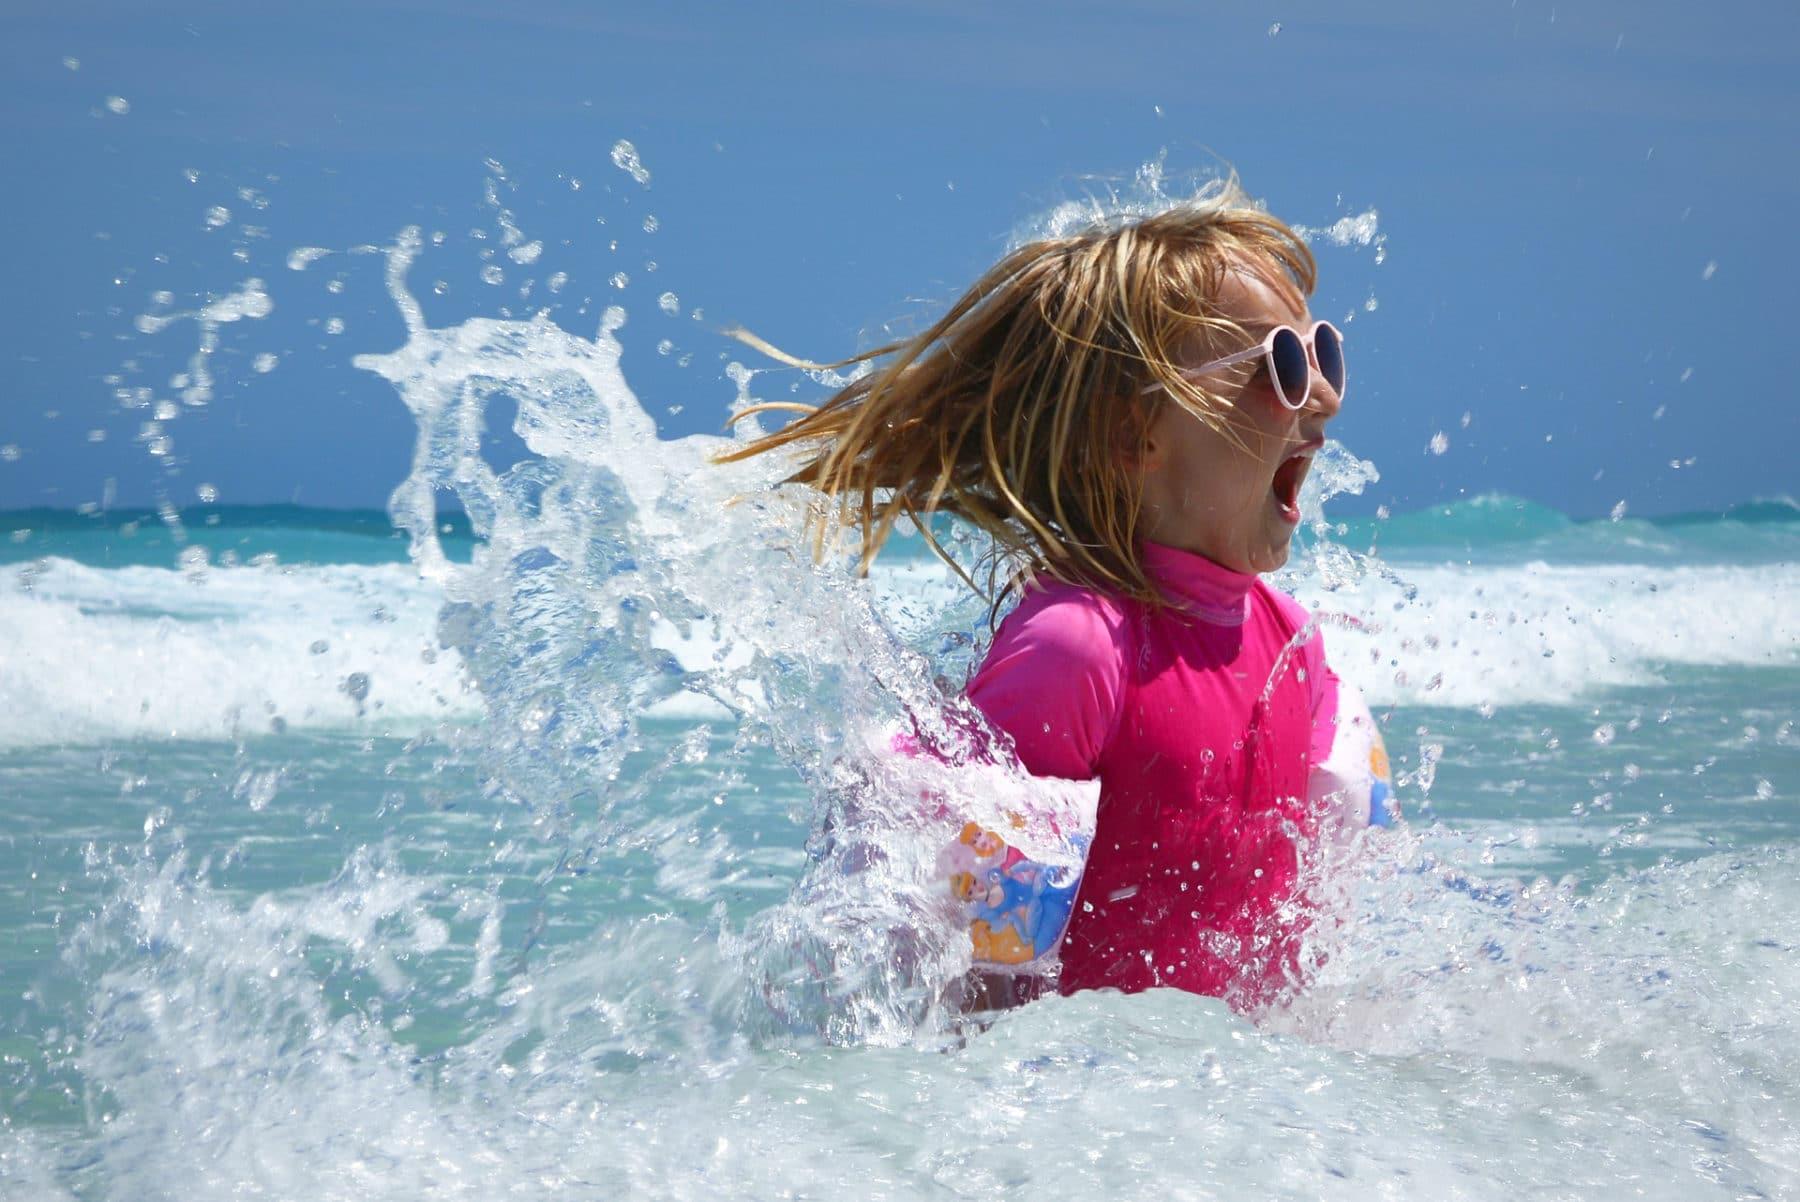 5 Preiswerte Reiseziele Hier Kannst Du Gunstig Urlaub Machen